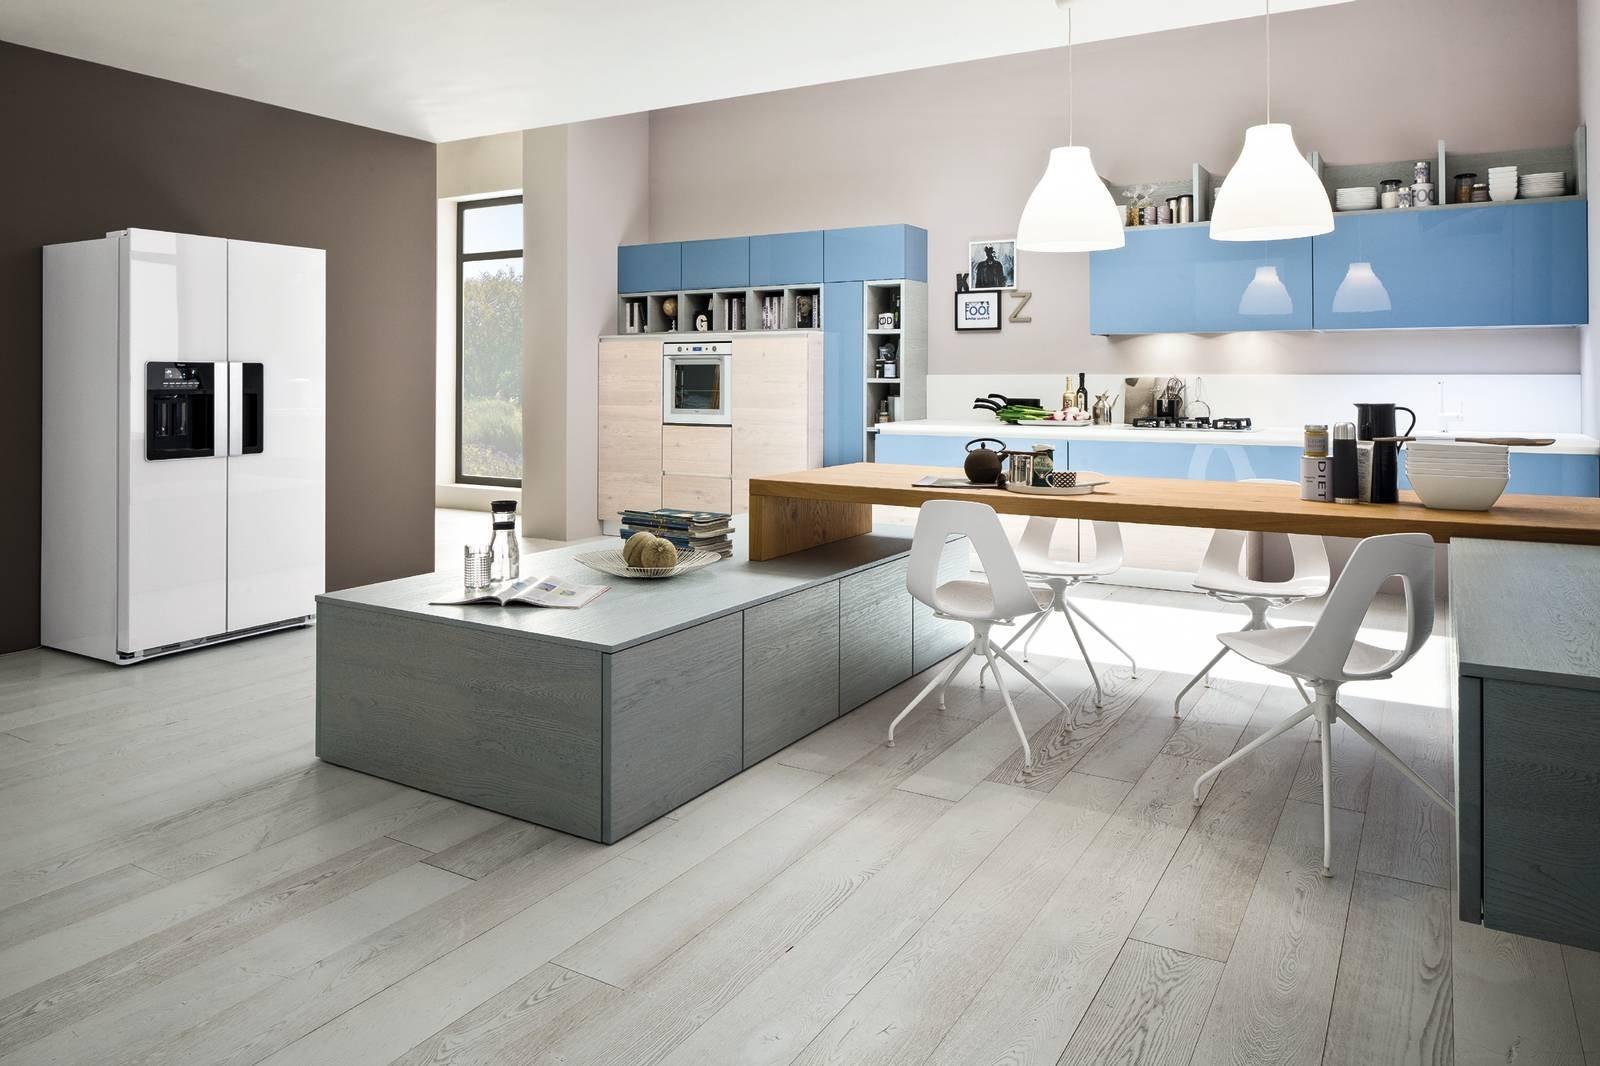 Veneta Cucine O Snaidero il modello più venduto di cucina? ecco la risposta dei